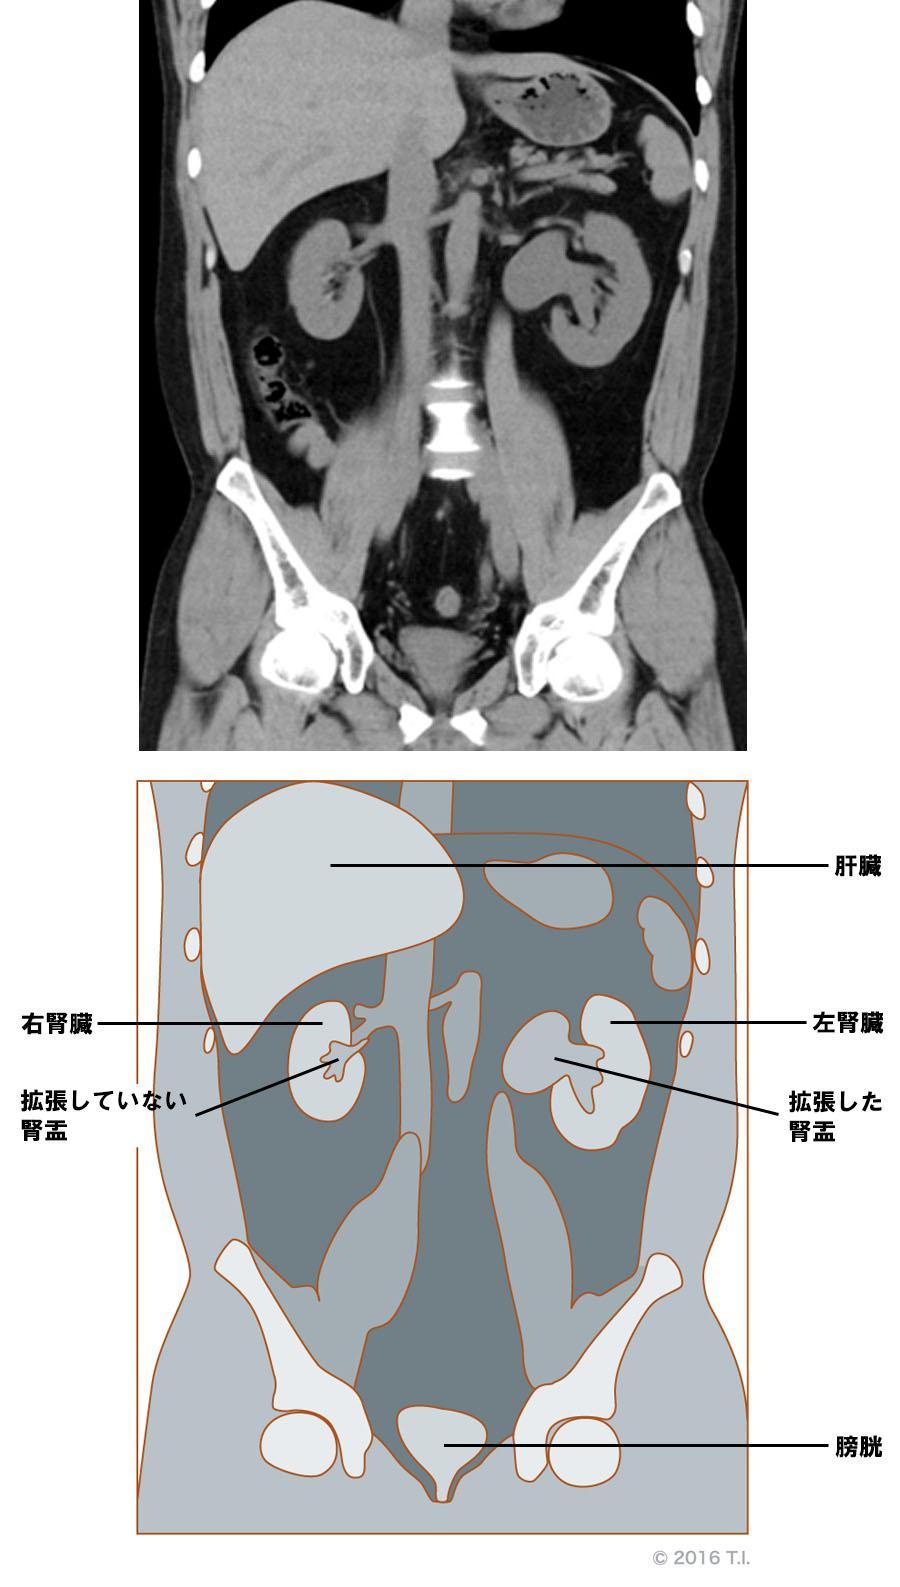 腎盂が拡張しているCT像